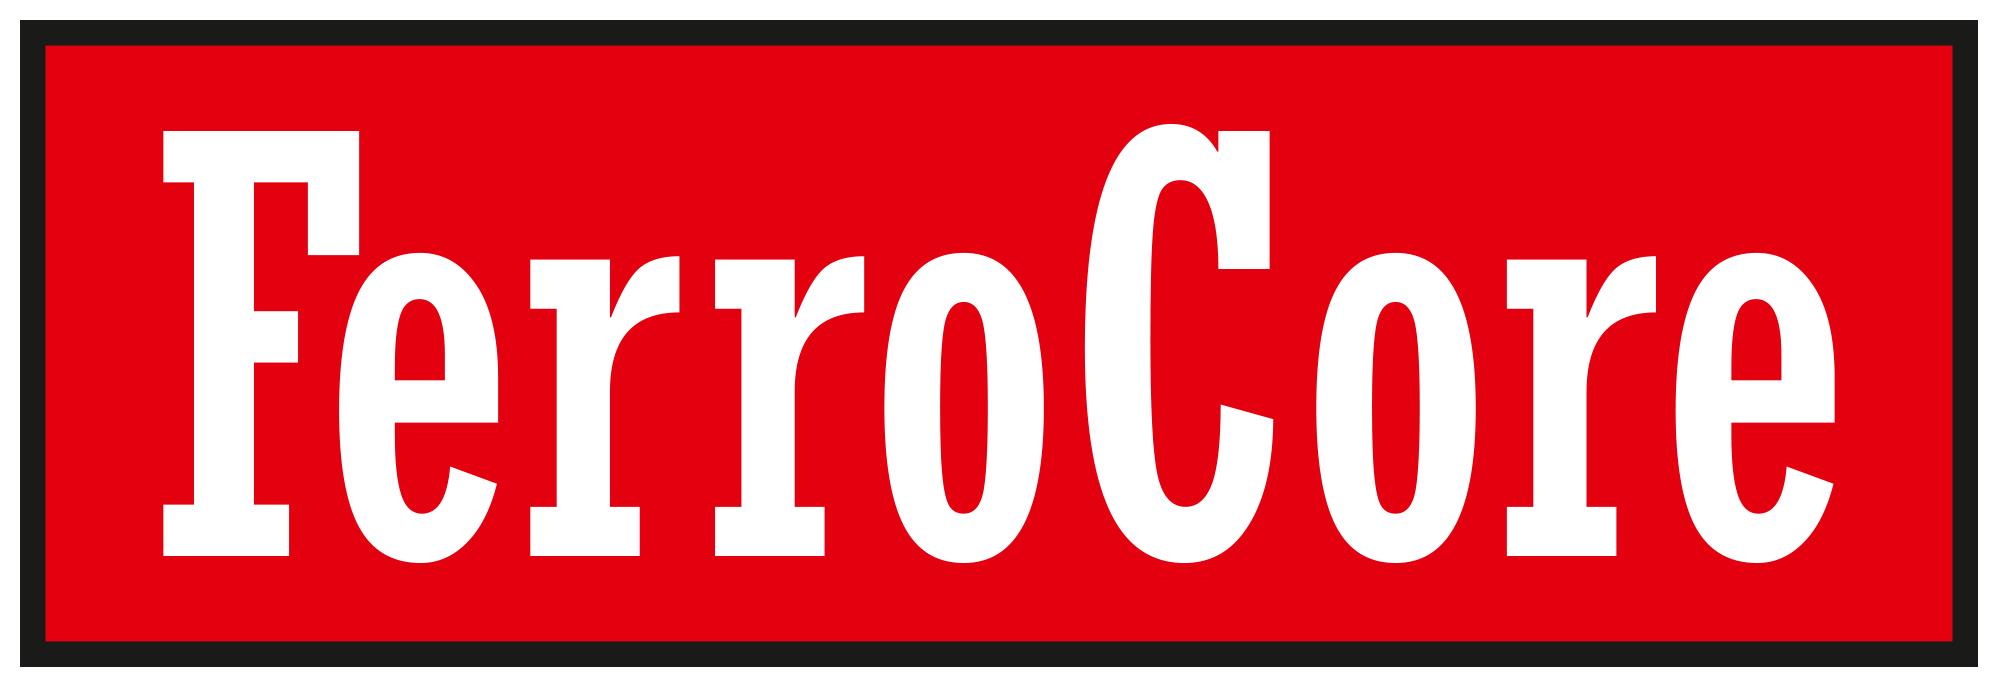 FERROCORE